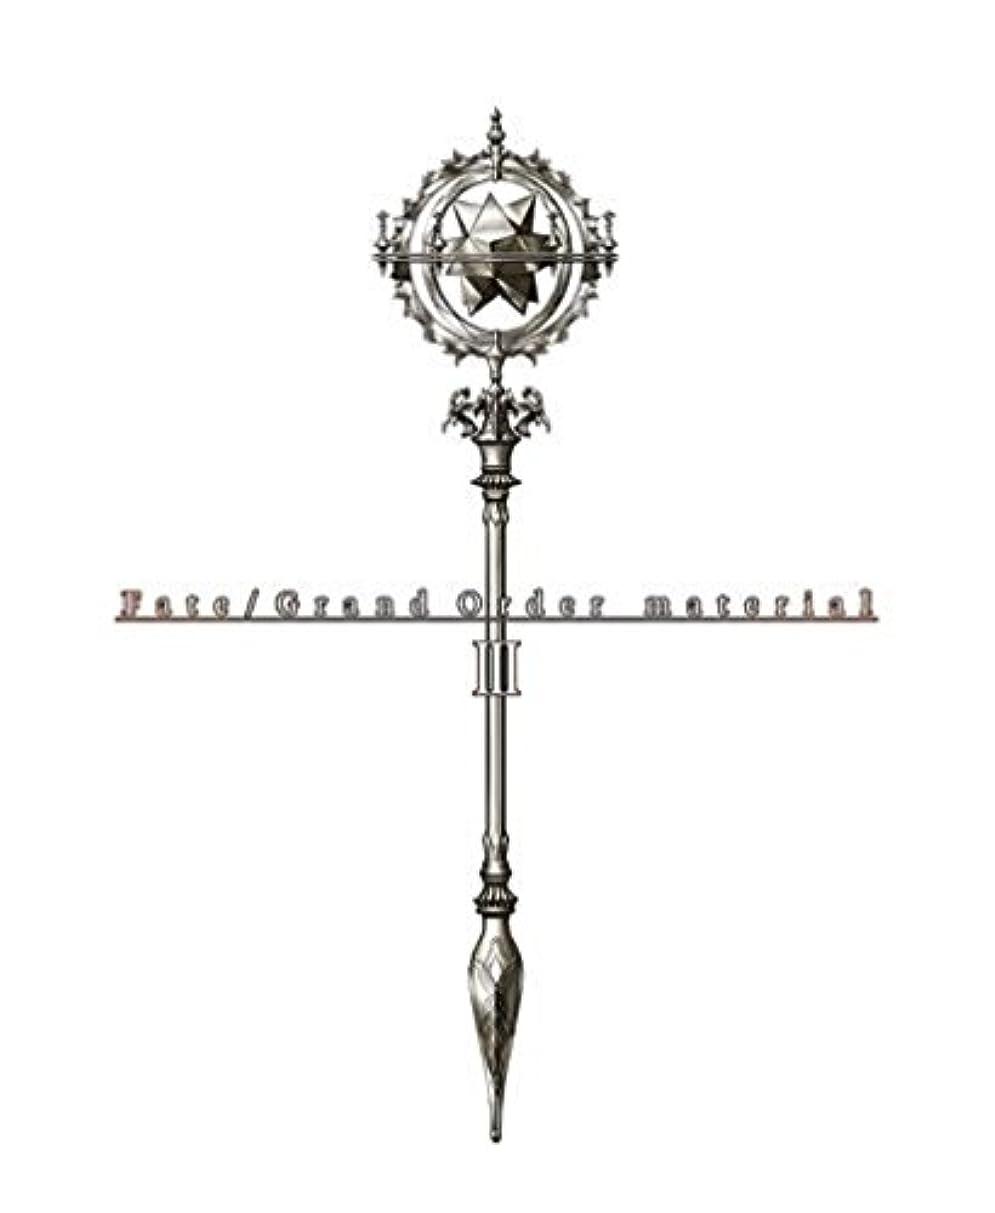 意味する二度新しい意味Fate/Grand Order material III【書籍】